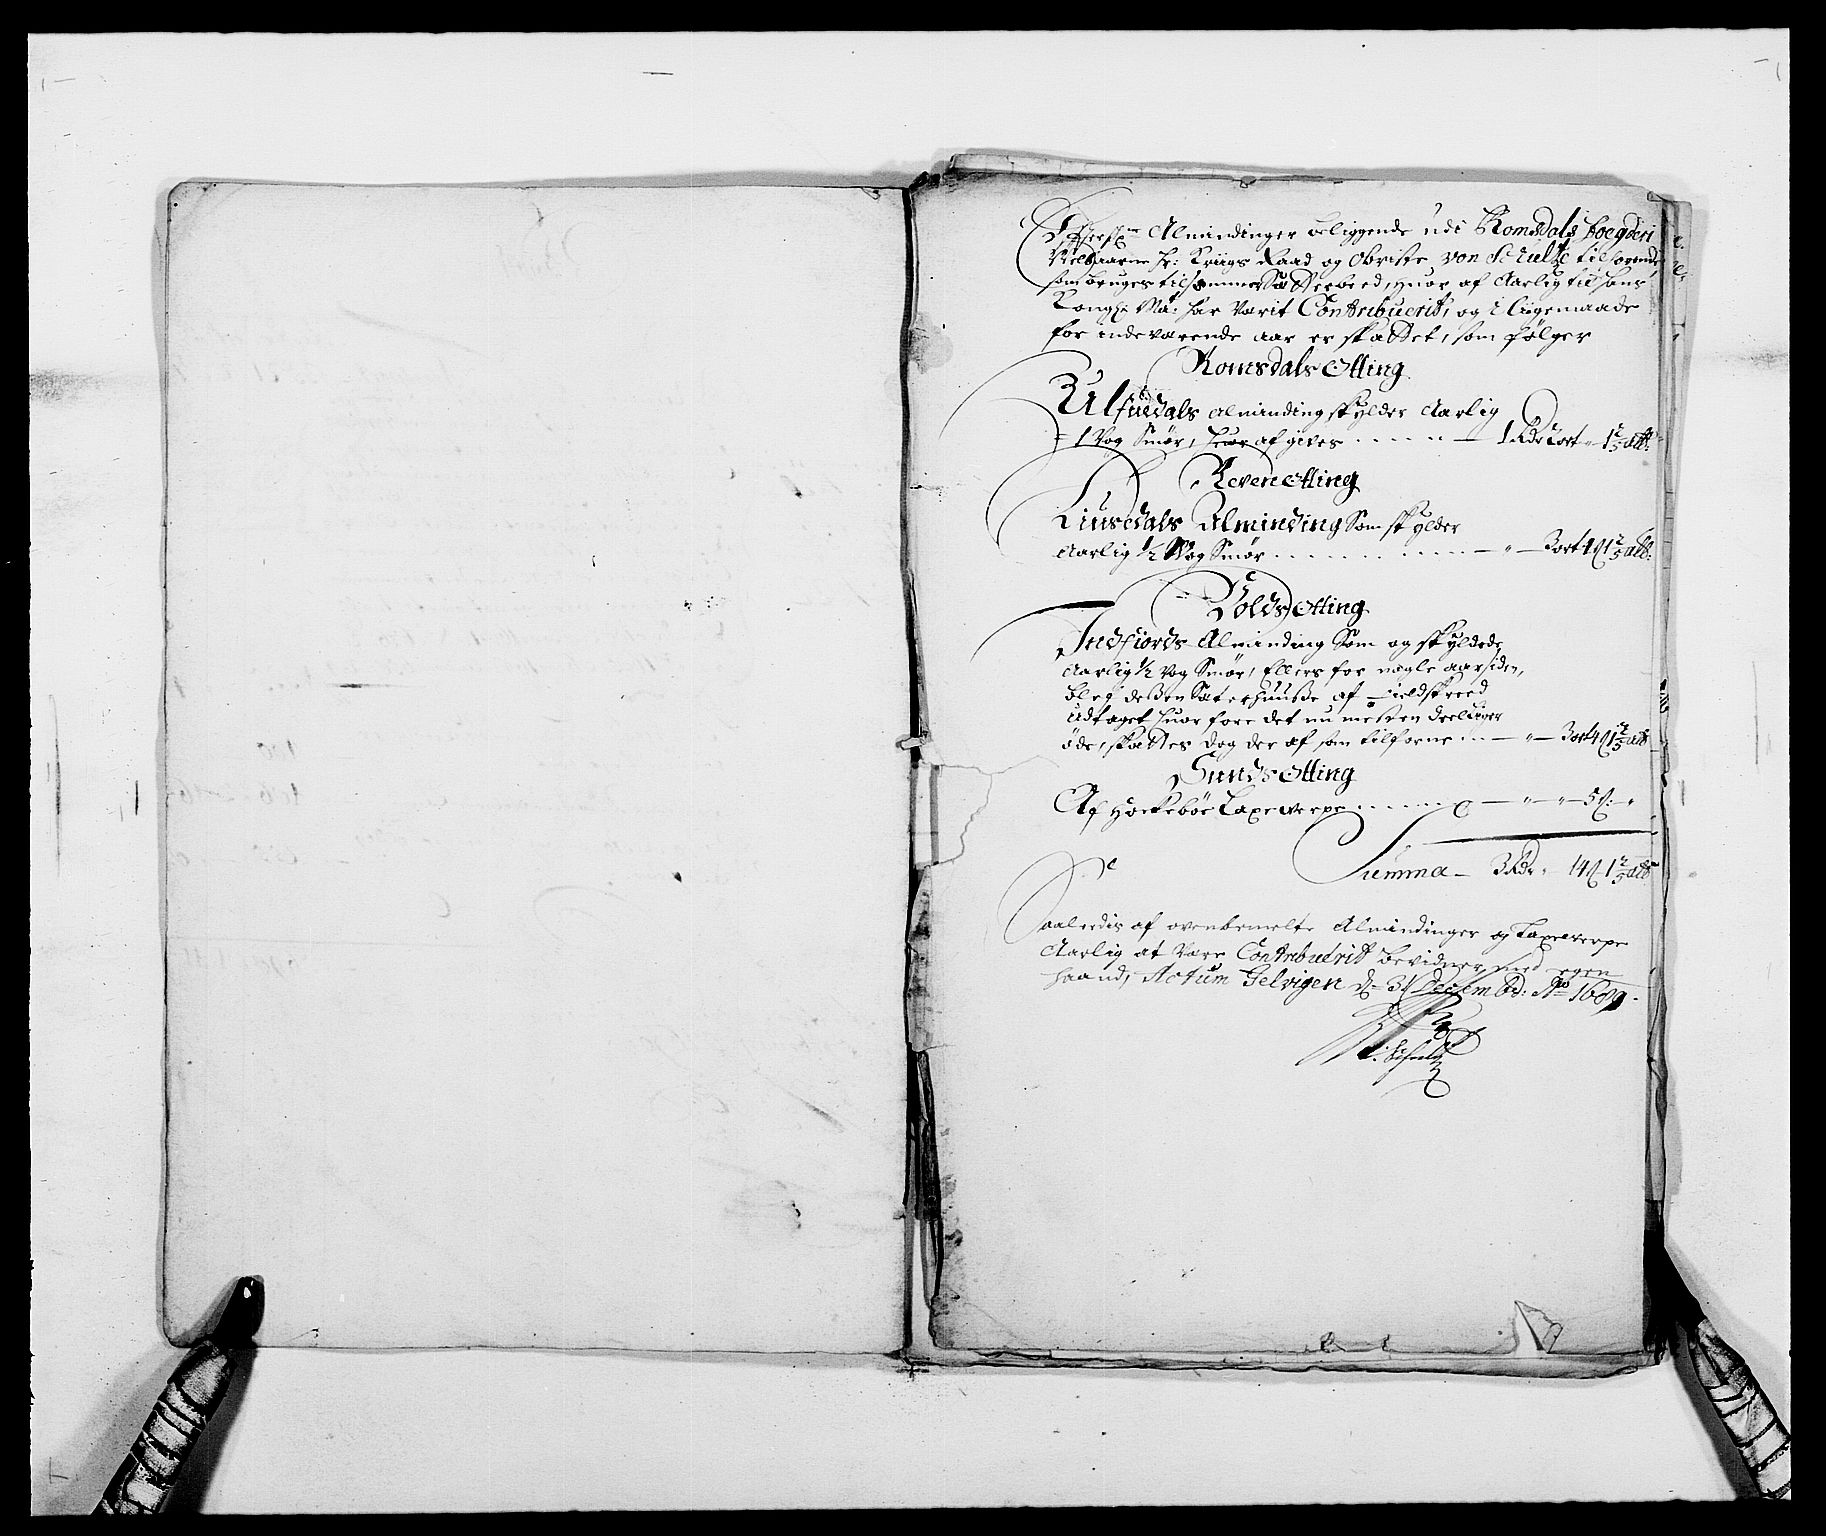 RA, Rentekammeret inntil 1814, Reviderte regnskaper, Fogderegnskap, R55/L3648: Fogderegnskap Romsdal, 1687-1689, s. 316